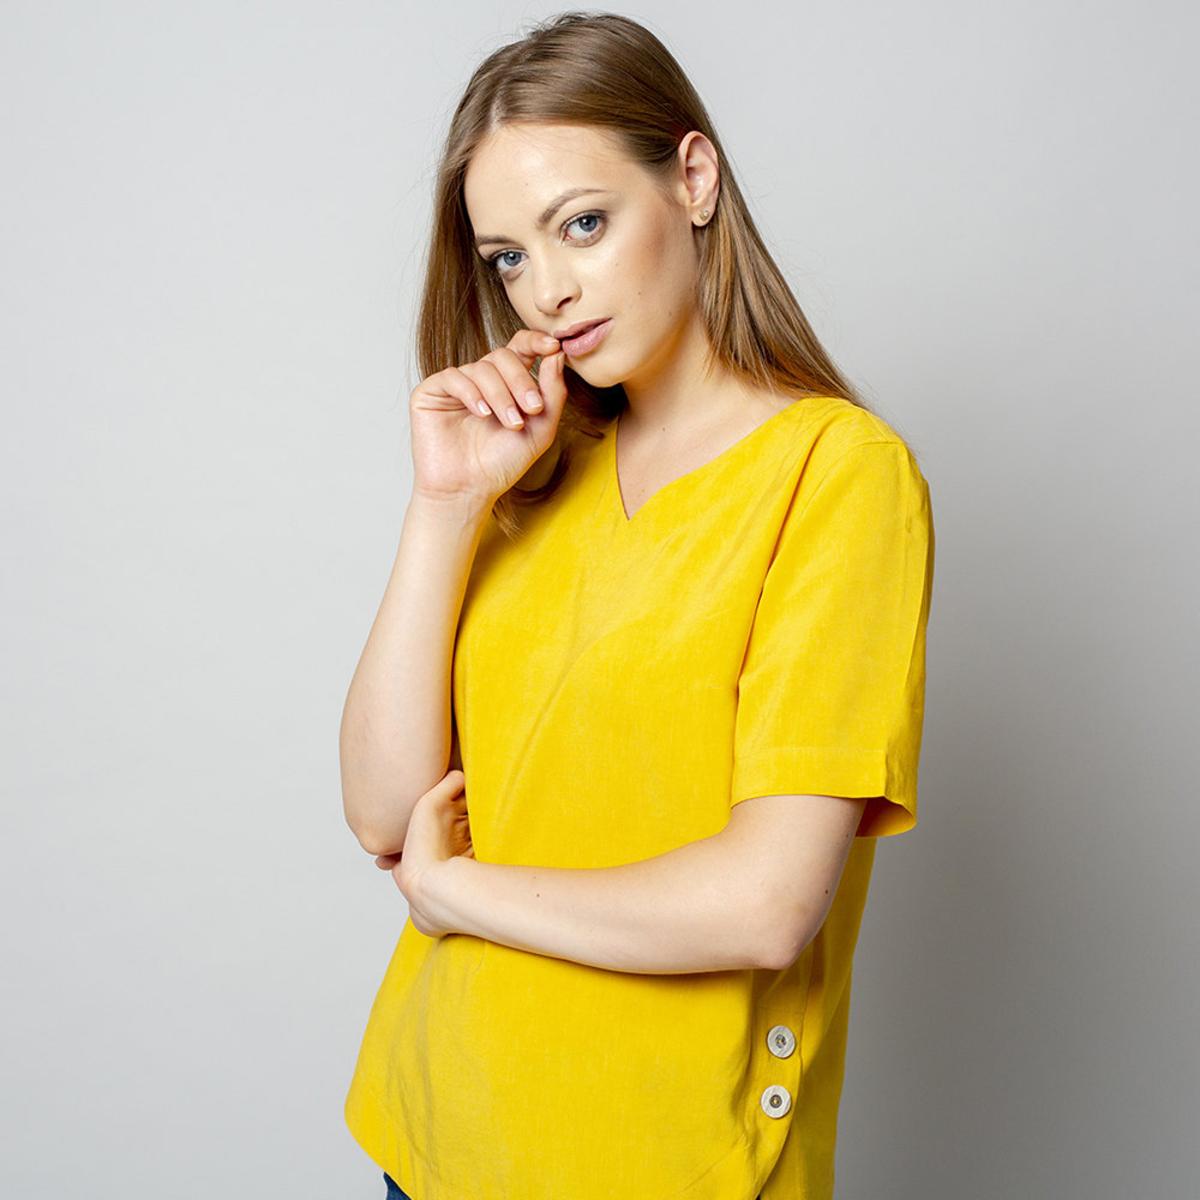 Dámske tričko žltej farby s prídavkom ľanu 10913 34